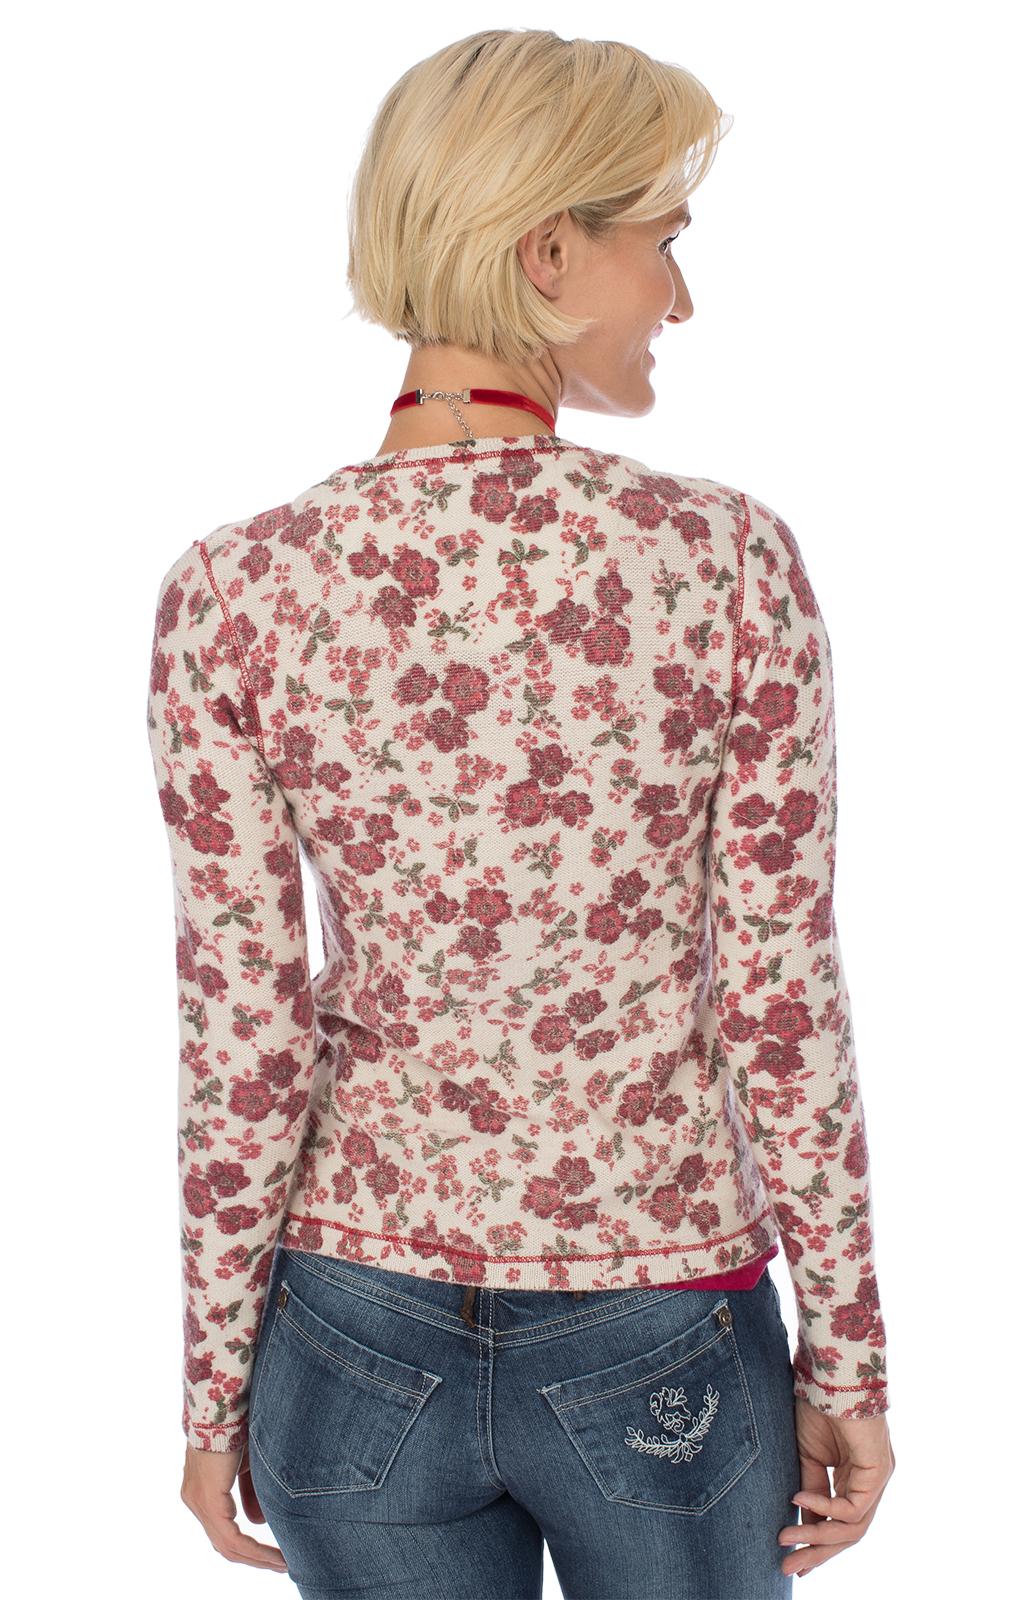 weitere Bilder von Trachtenjacke HOLUNDER Blumenmotiv rot beige